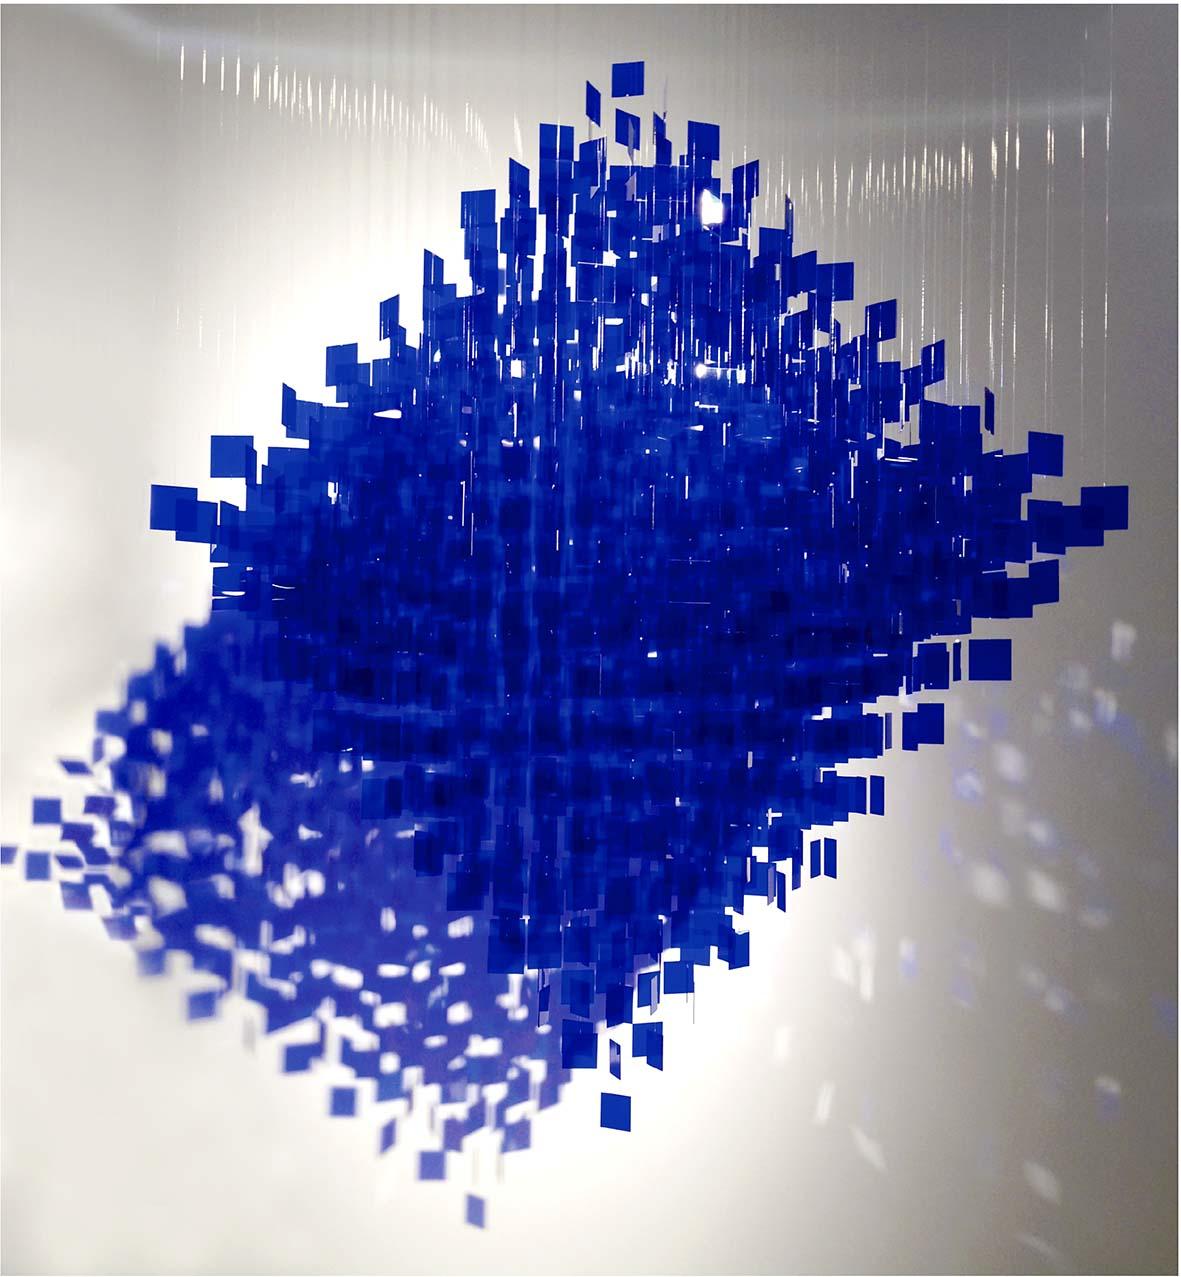 Polyedre Bleu